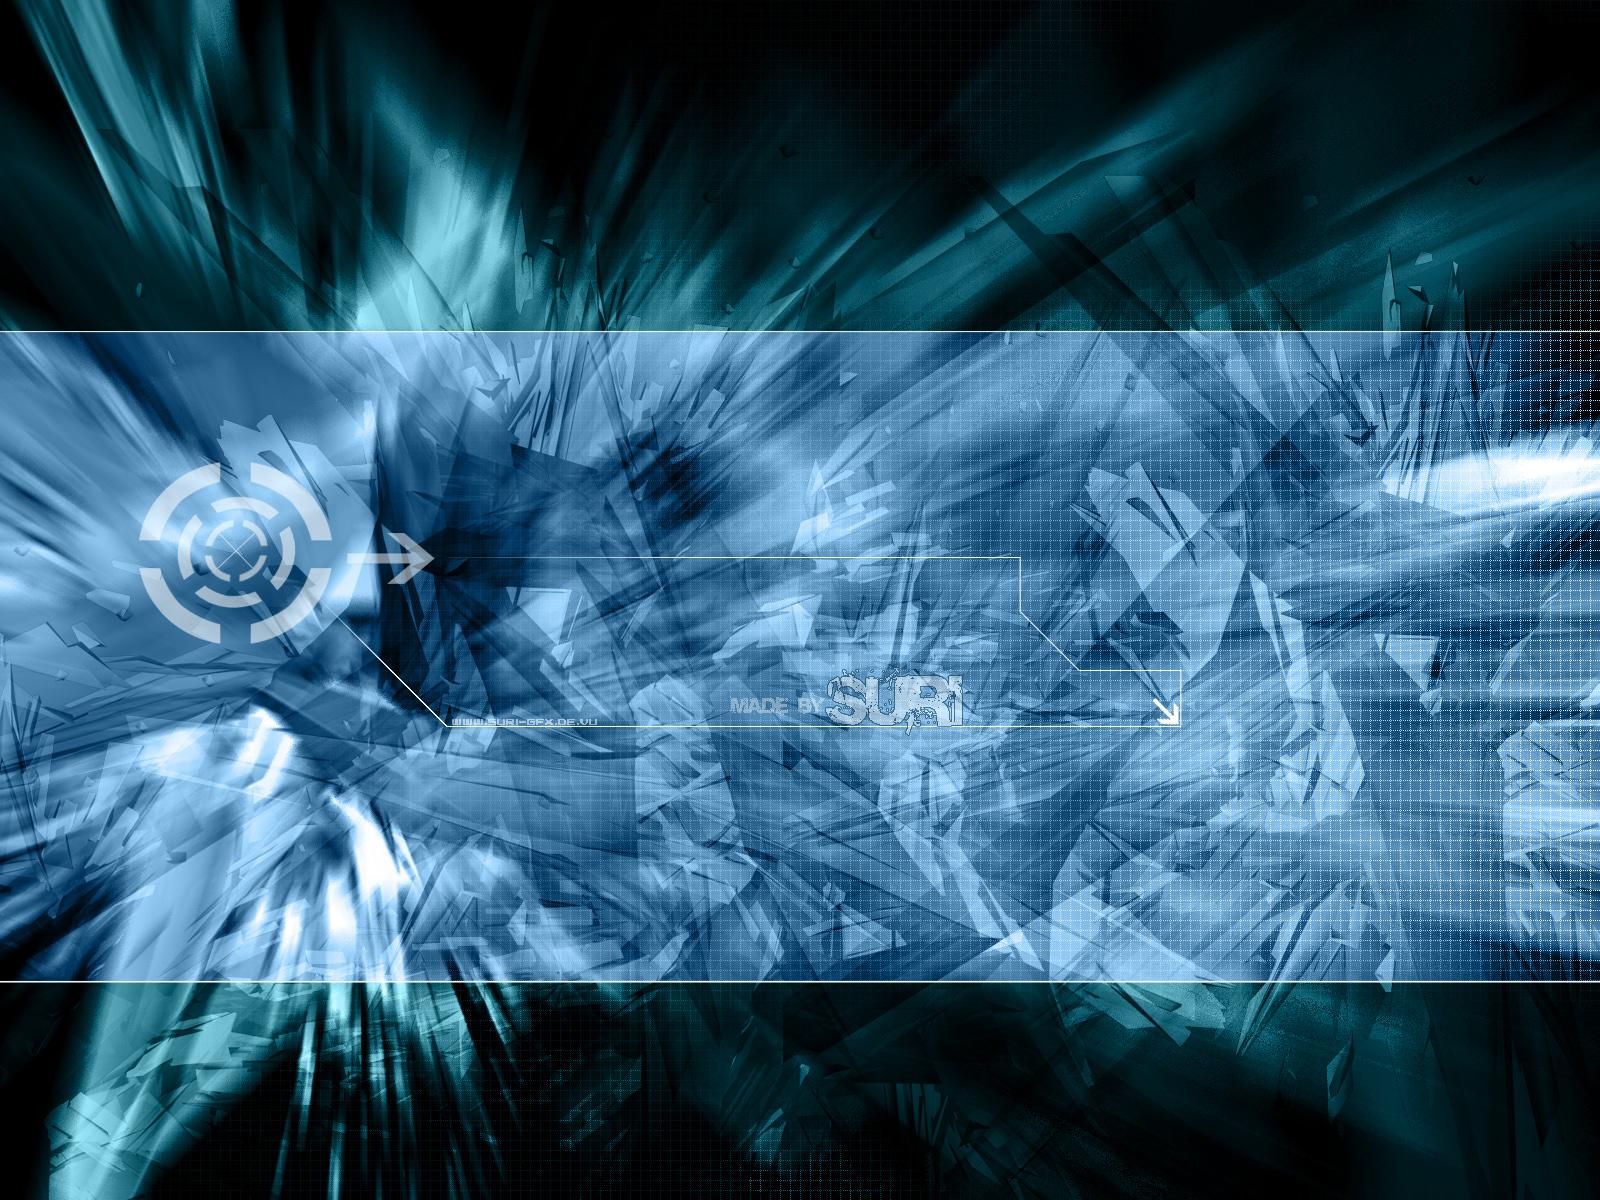 http://1.bp.blogspot.com/-RrUrE5lJ2Sk/TbF9V_ohMGI/AAAAAAAABqo/IpkRfTjqQVo/s1600/Amazing+3D+Free+HD+Widescreen+Wallpapers+%252831%2529.jpg